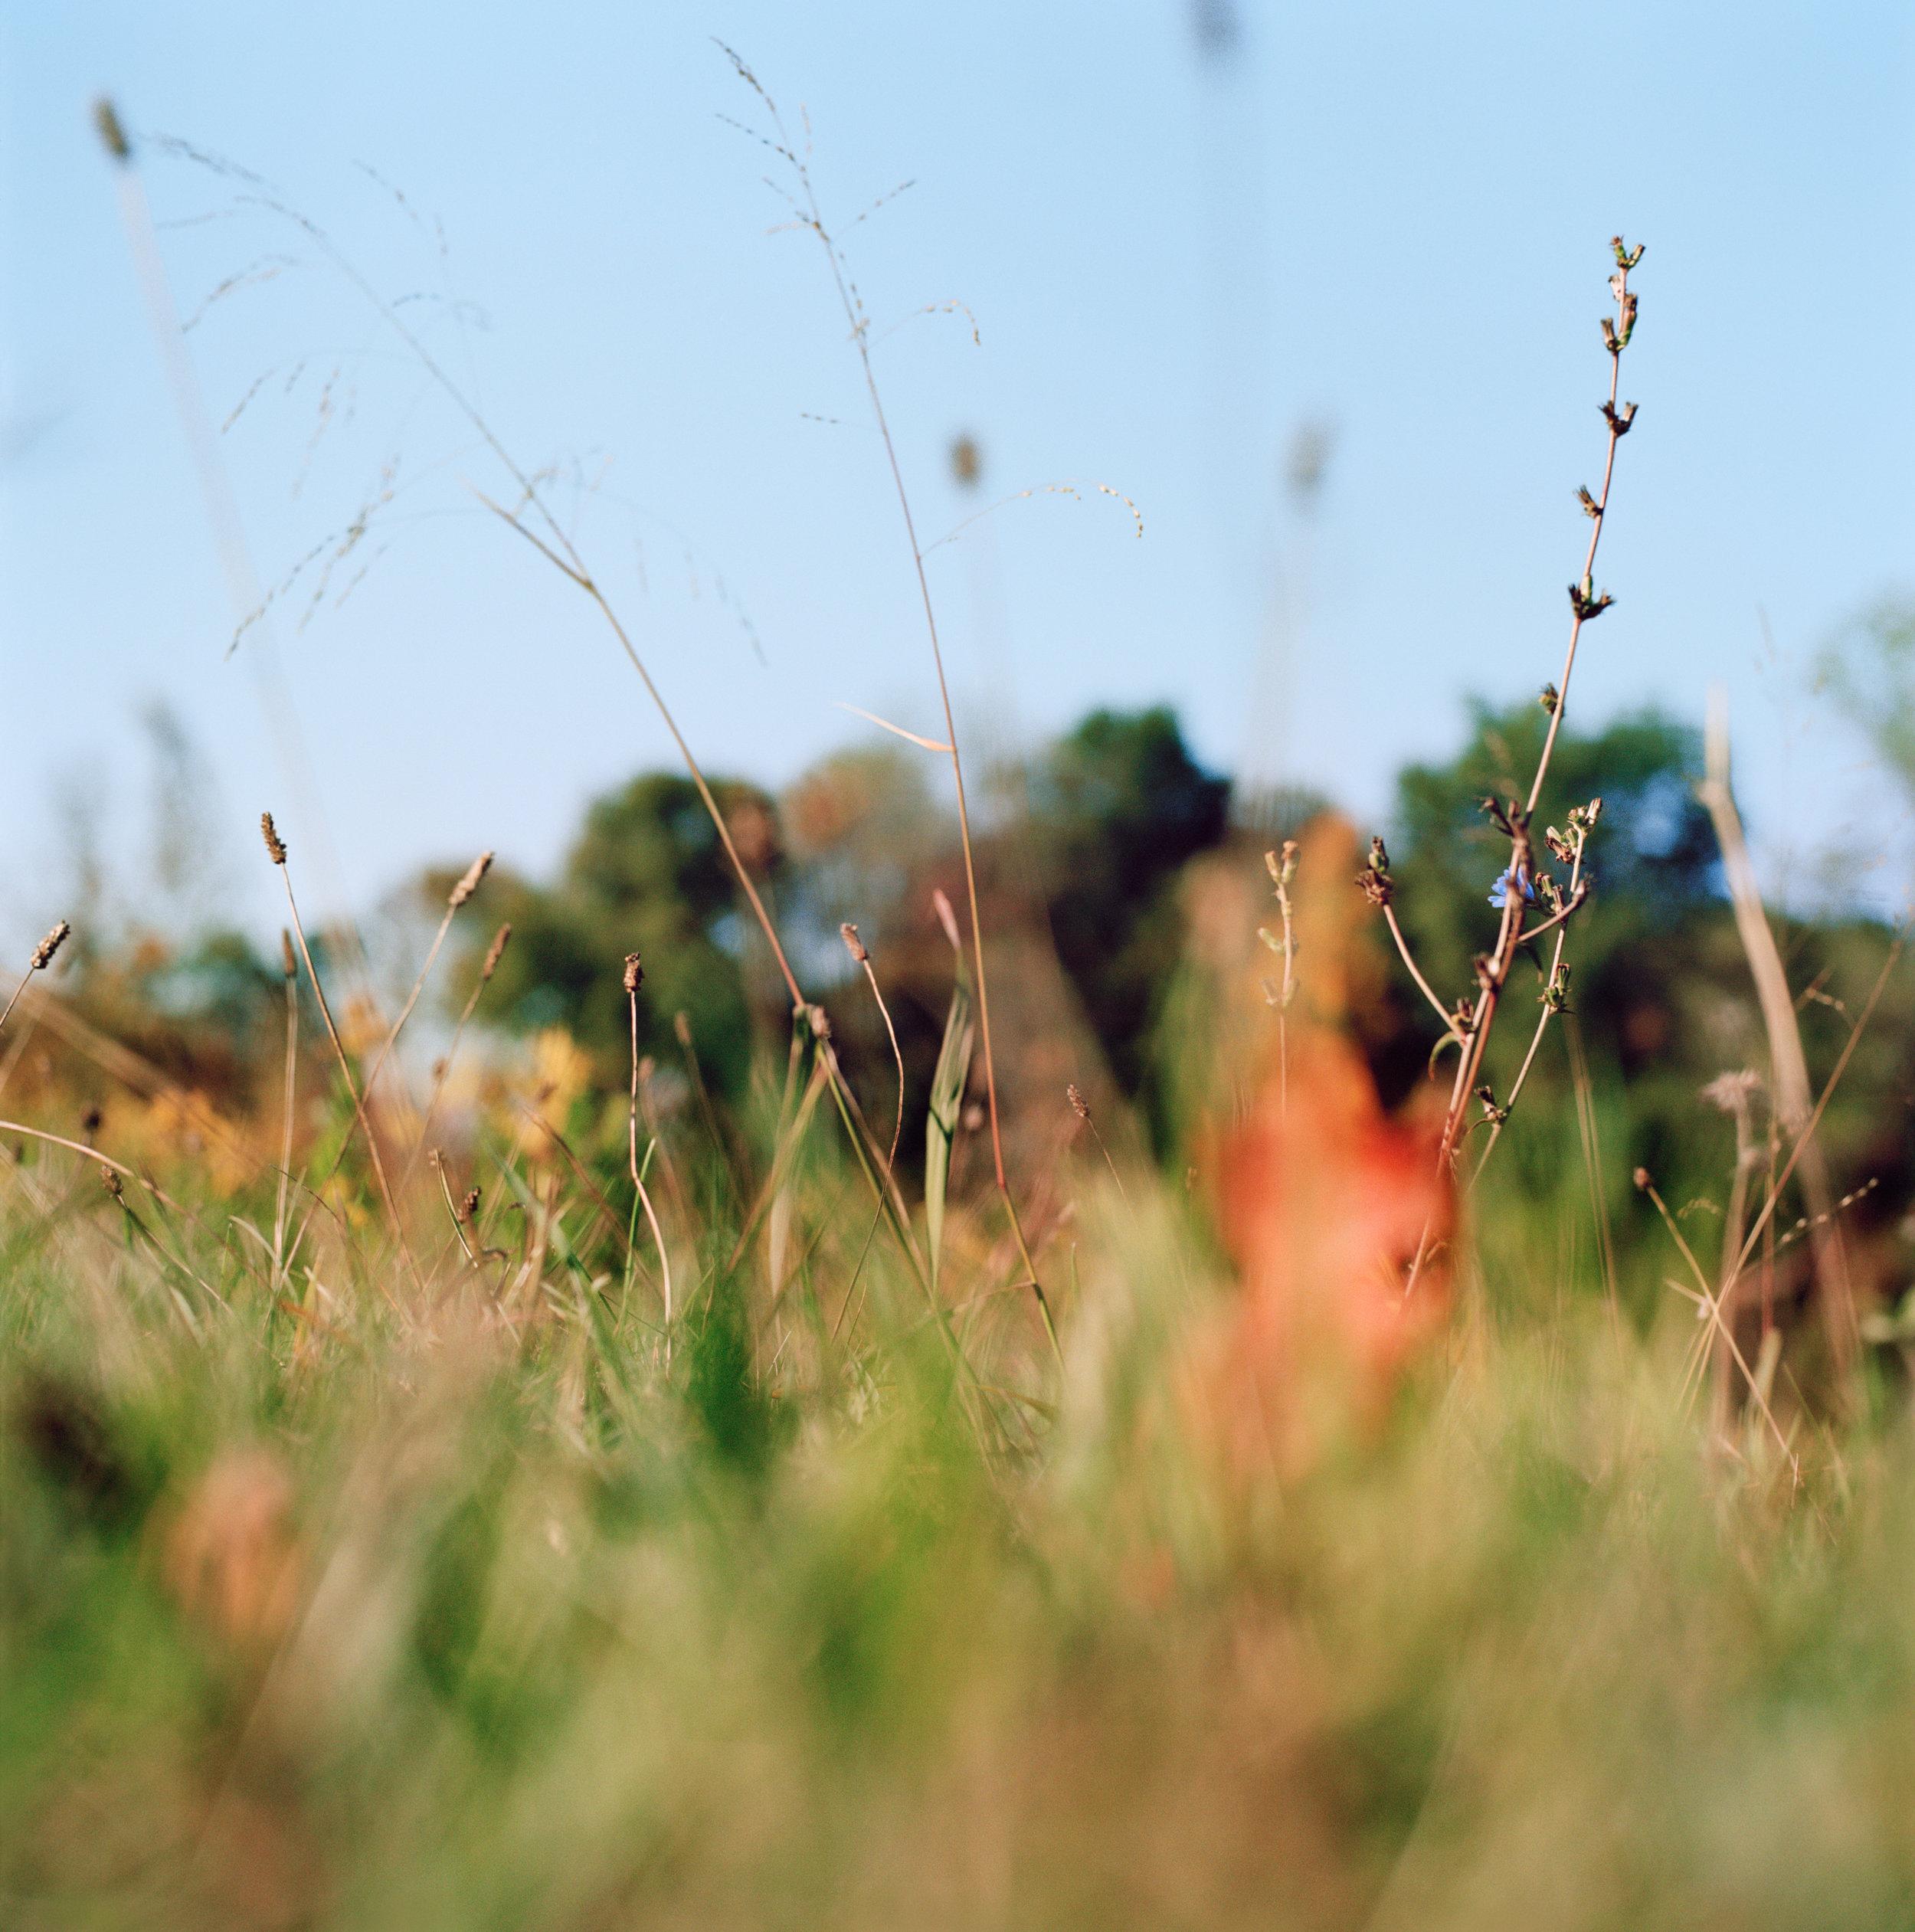 N41º07.215' W073º29.586' 10/15/15 269 ft. (Waveny Meadow)